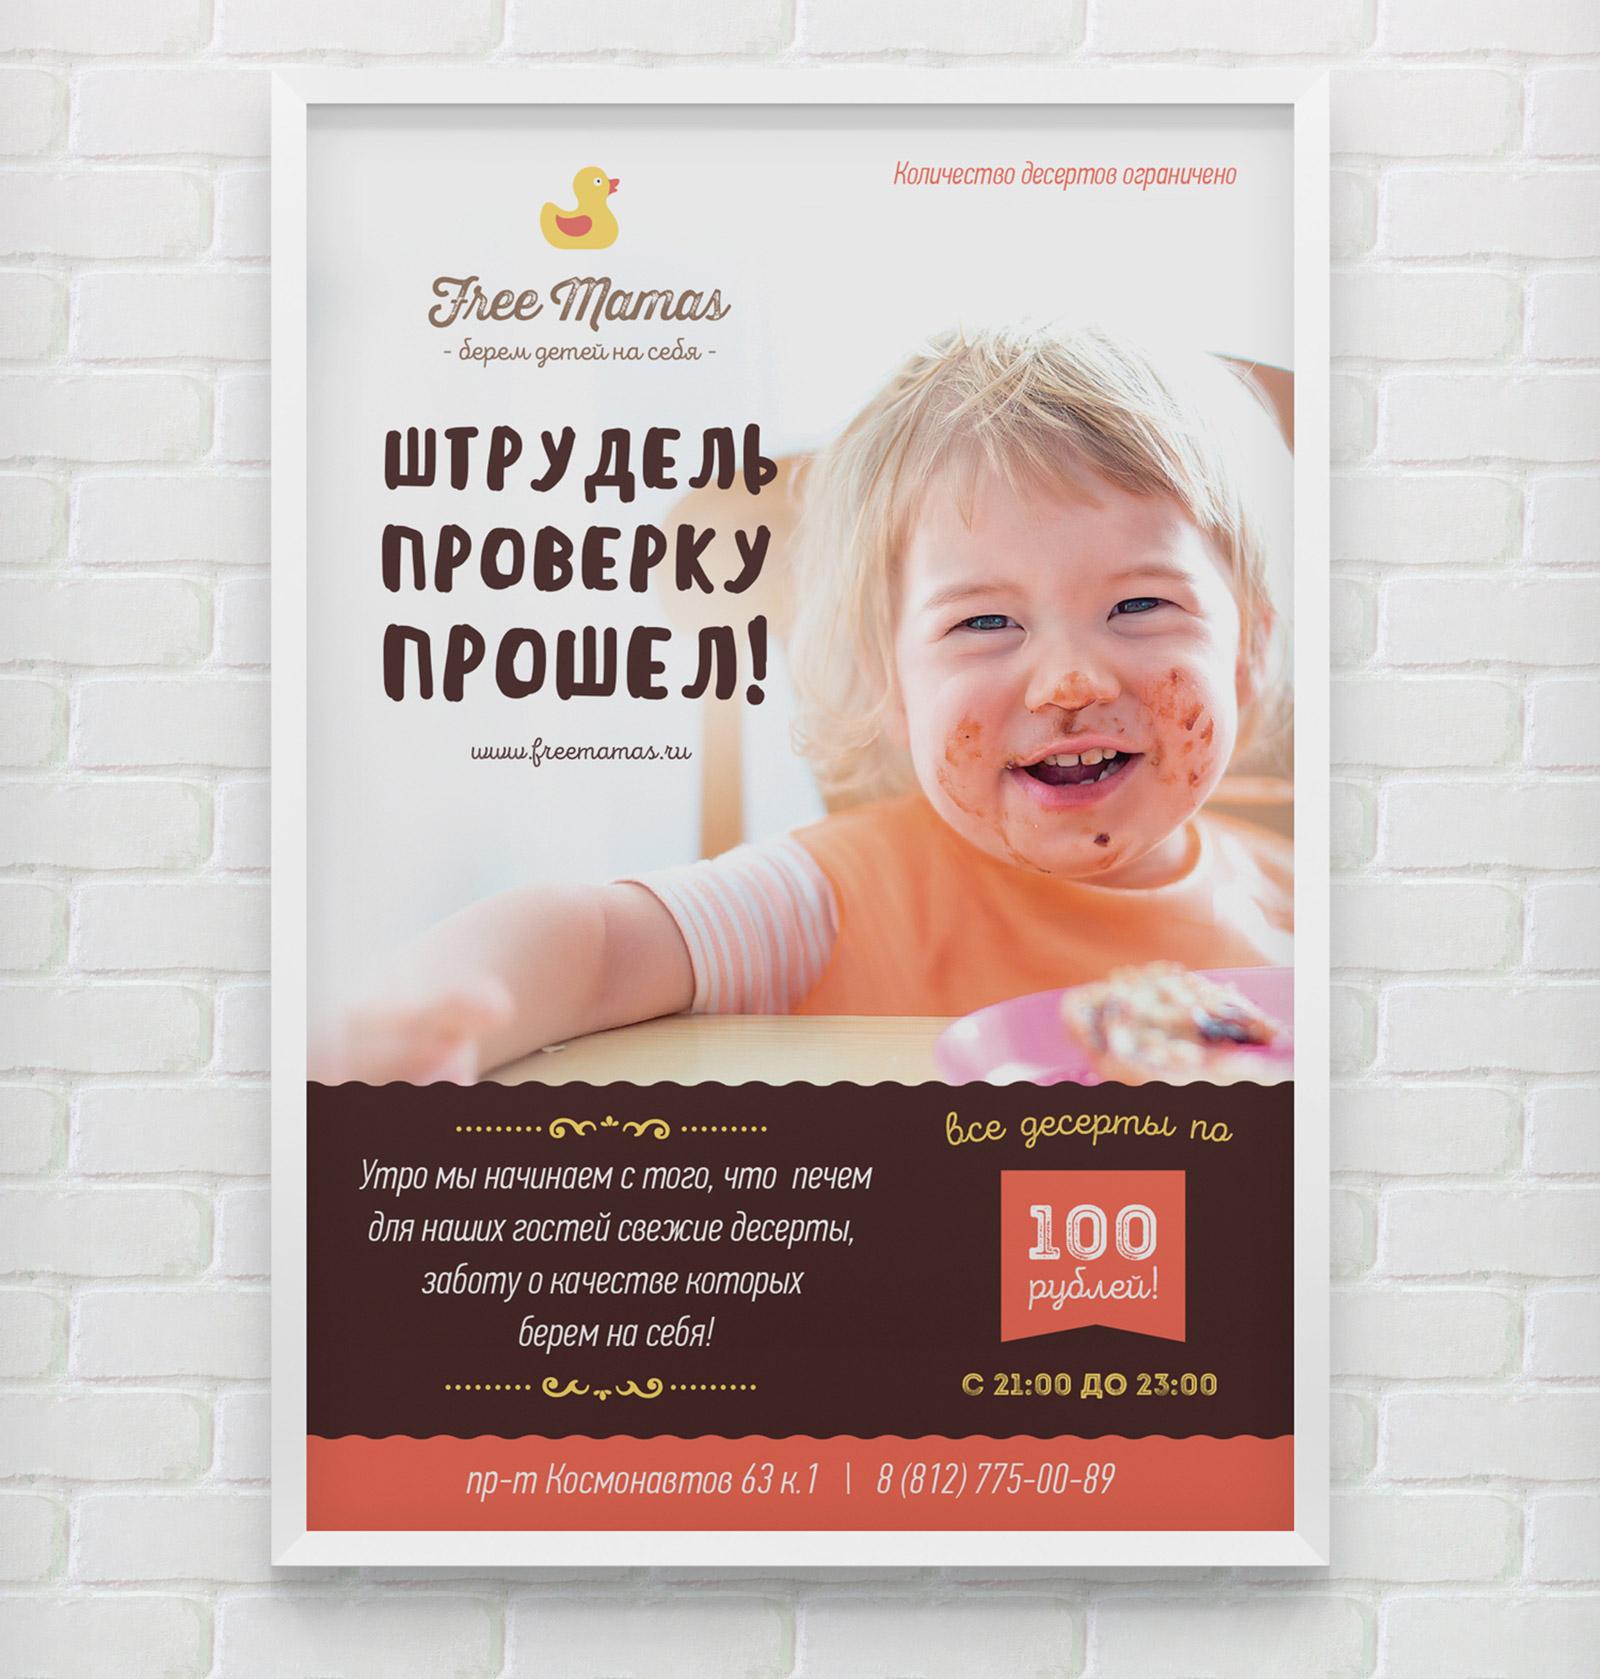 Плакат детского кафе Free Mamas